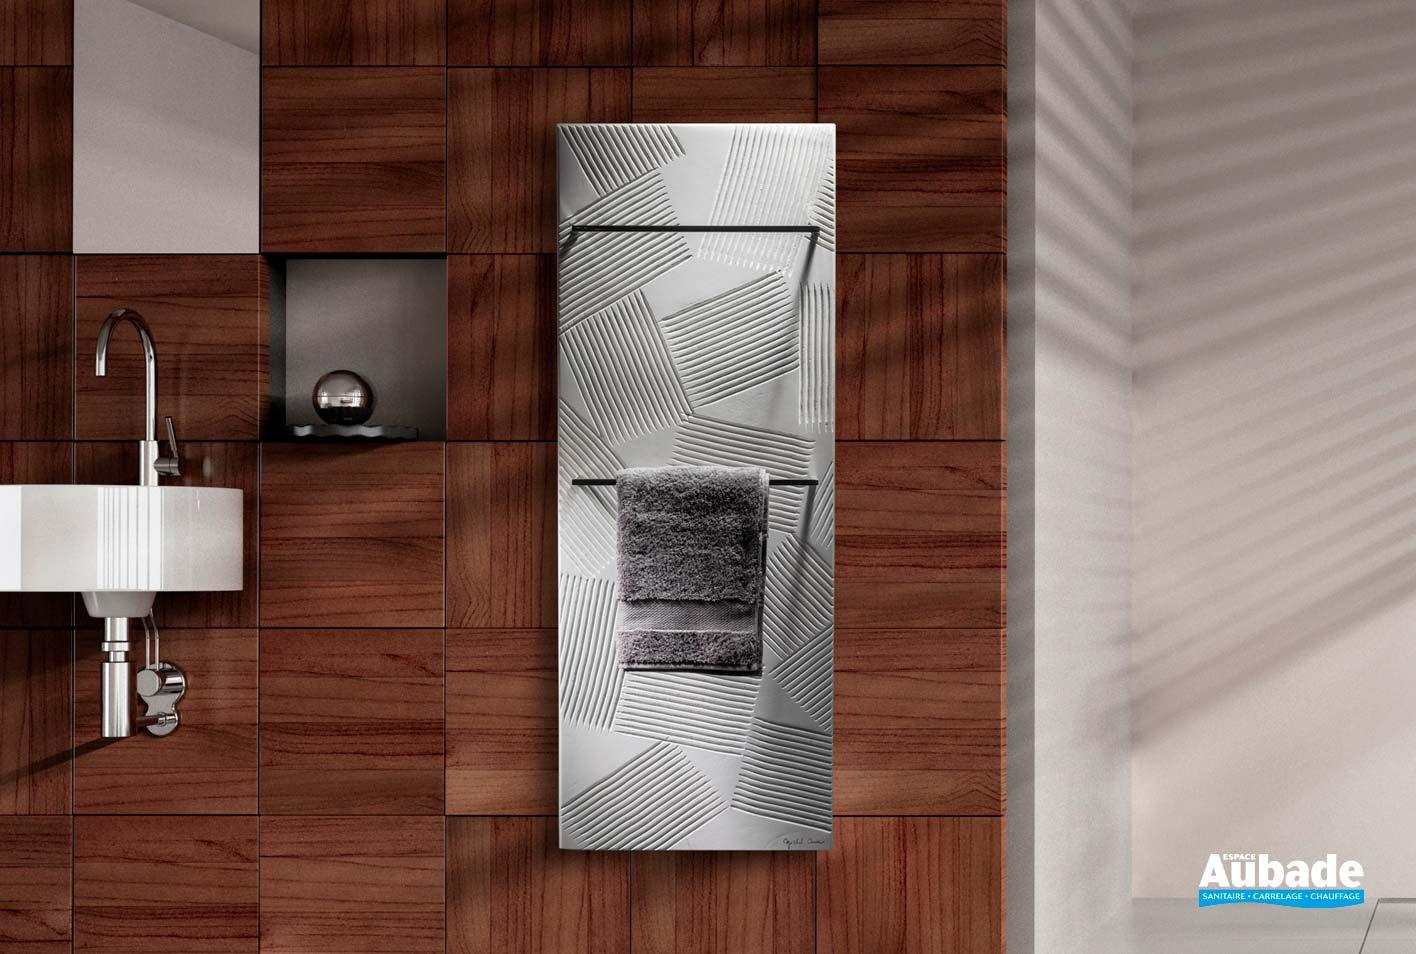 Comment Choisir La Puissance D Un Seche Serviette Electrique sèche-serviettes électriques cinier jeux d'ombres